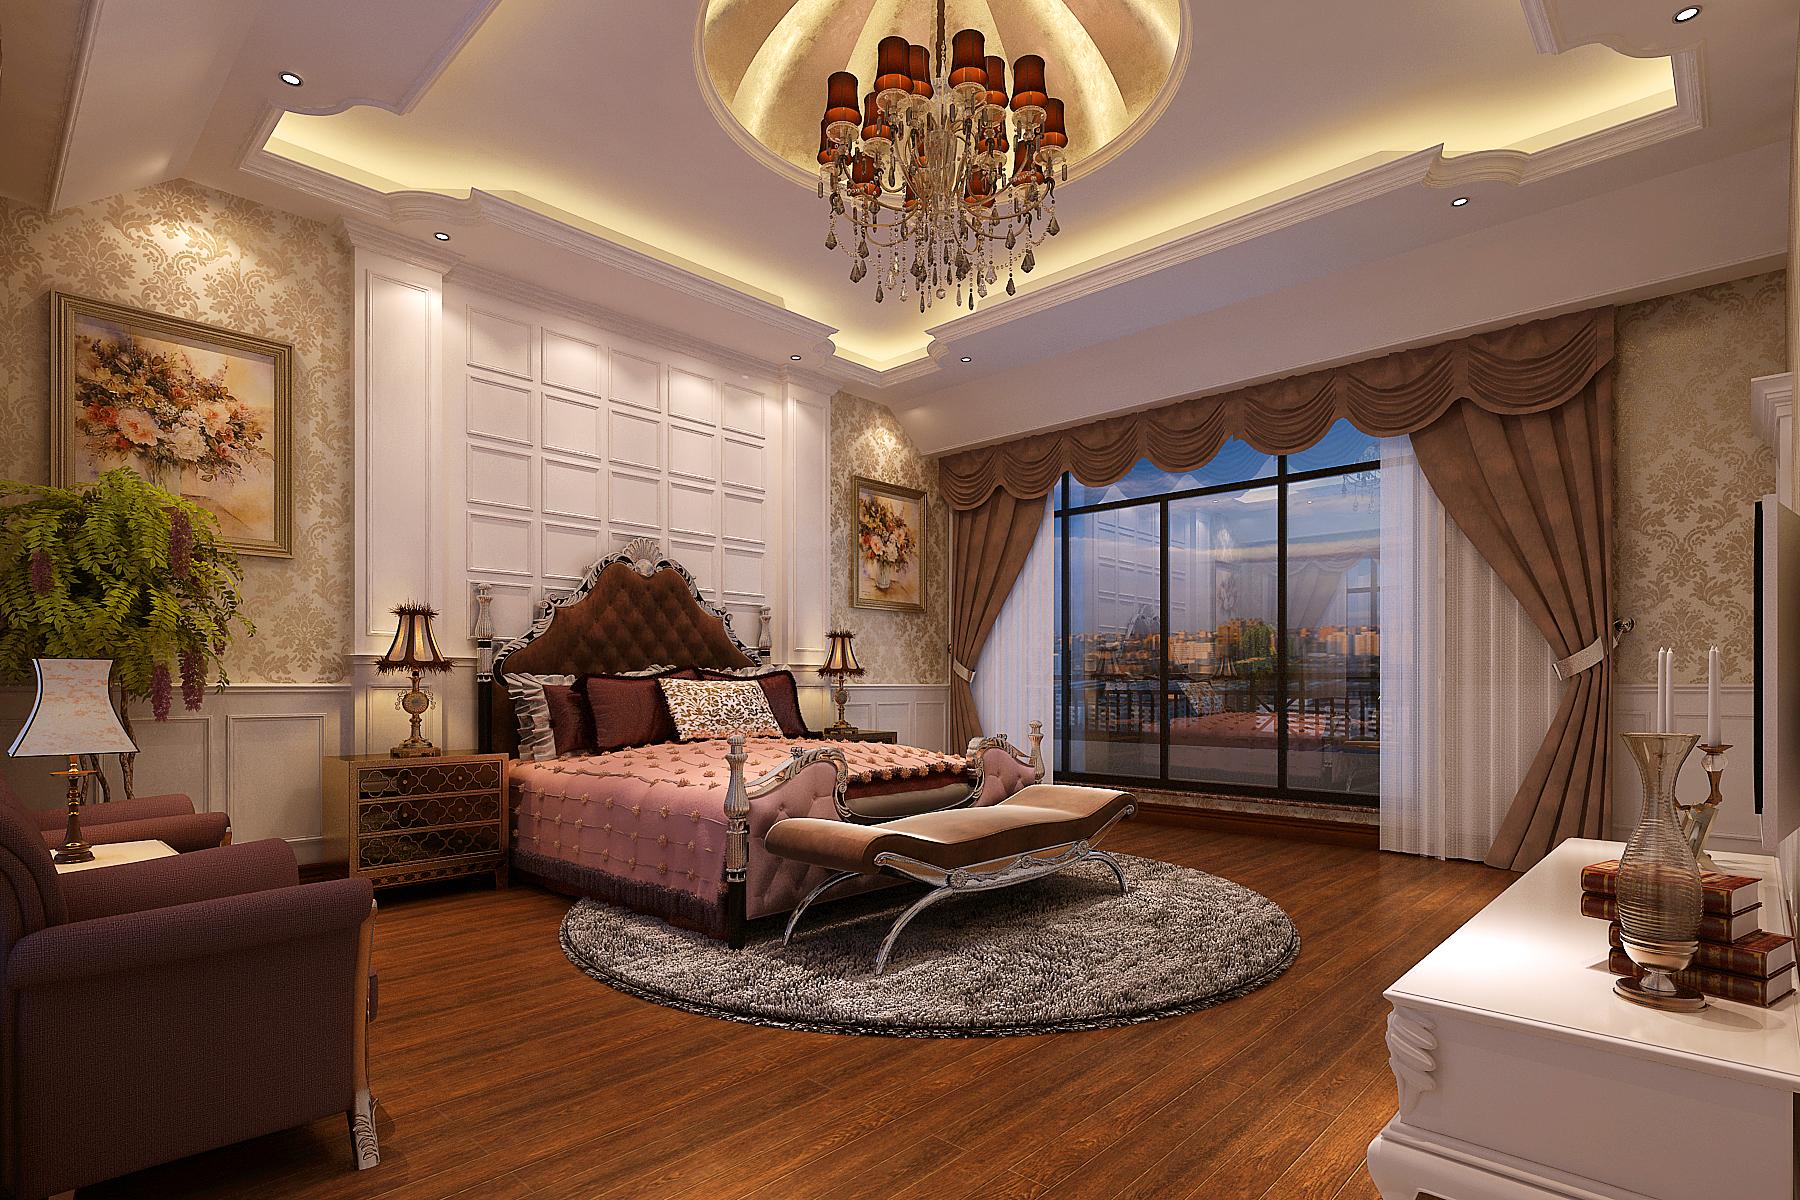 天伦庄园 大宅 别墅 装修 欧式 卧室图片来自夏曼在天伦庄园 226平大宅 欧式装修的分享